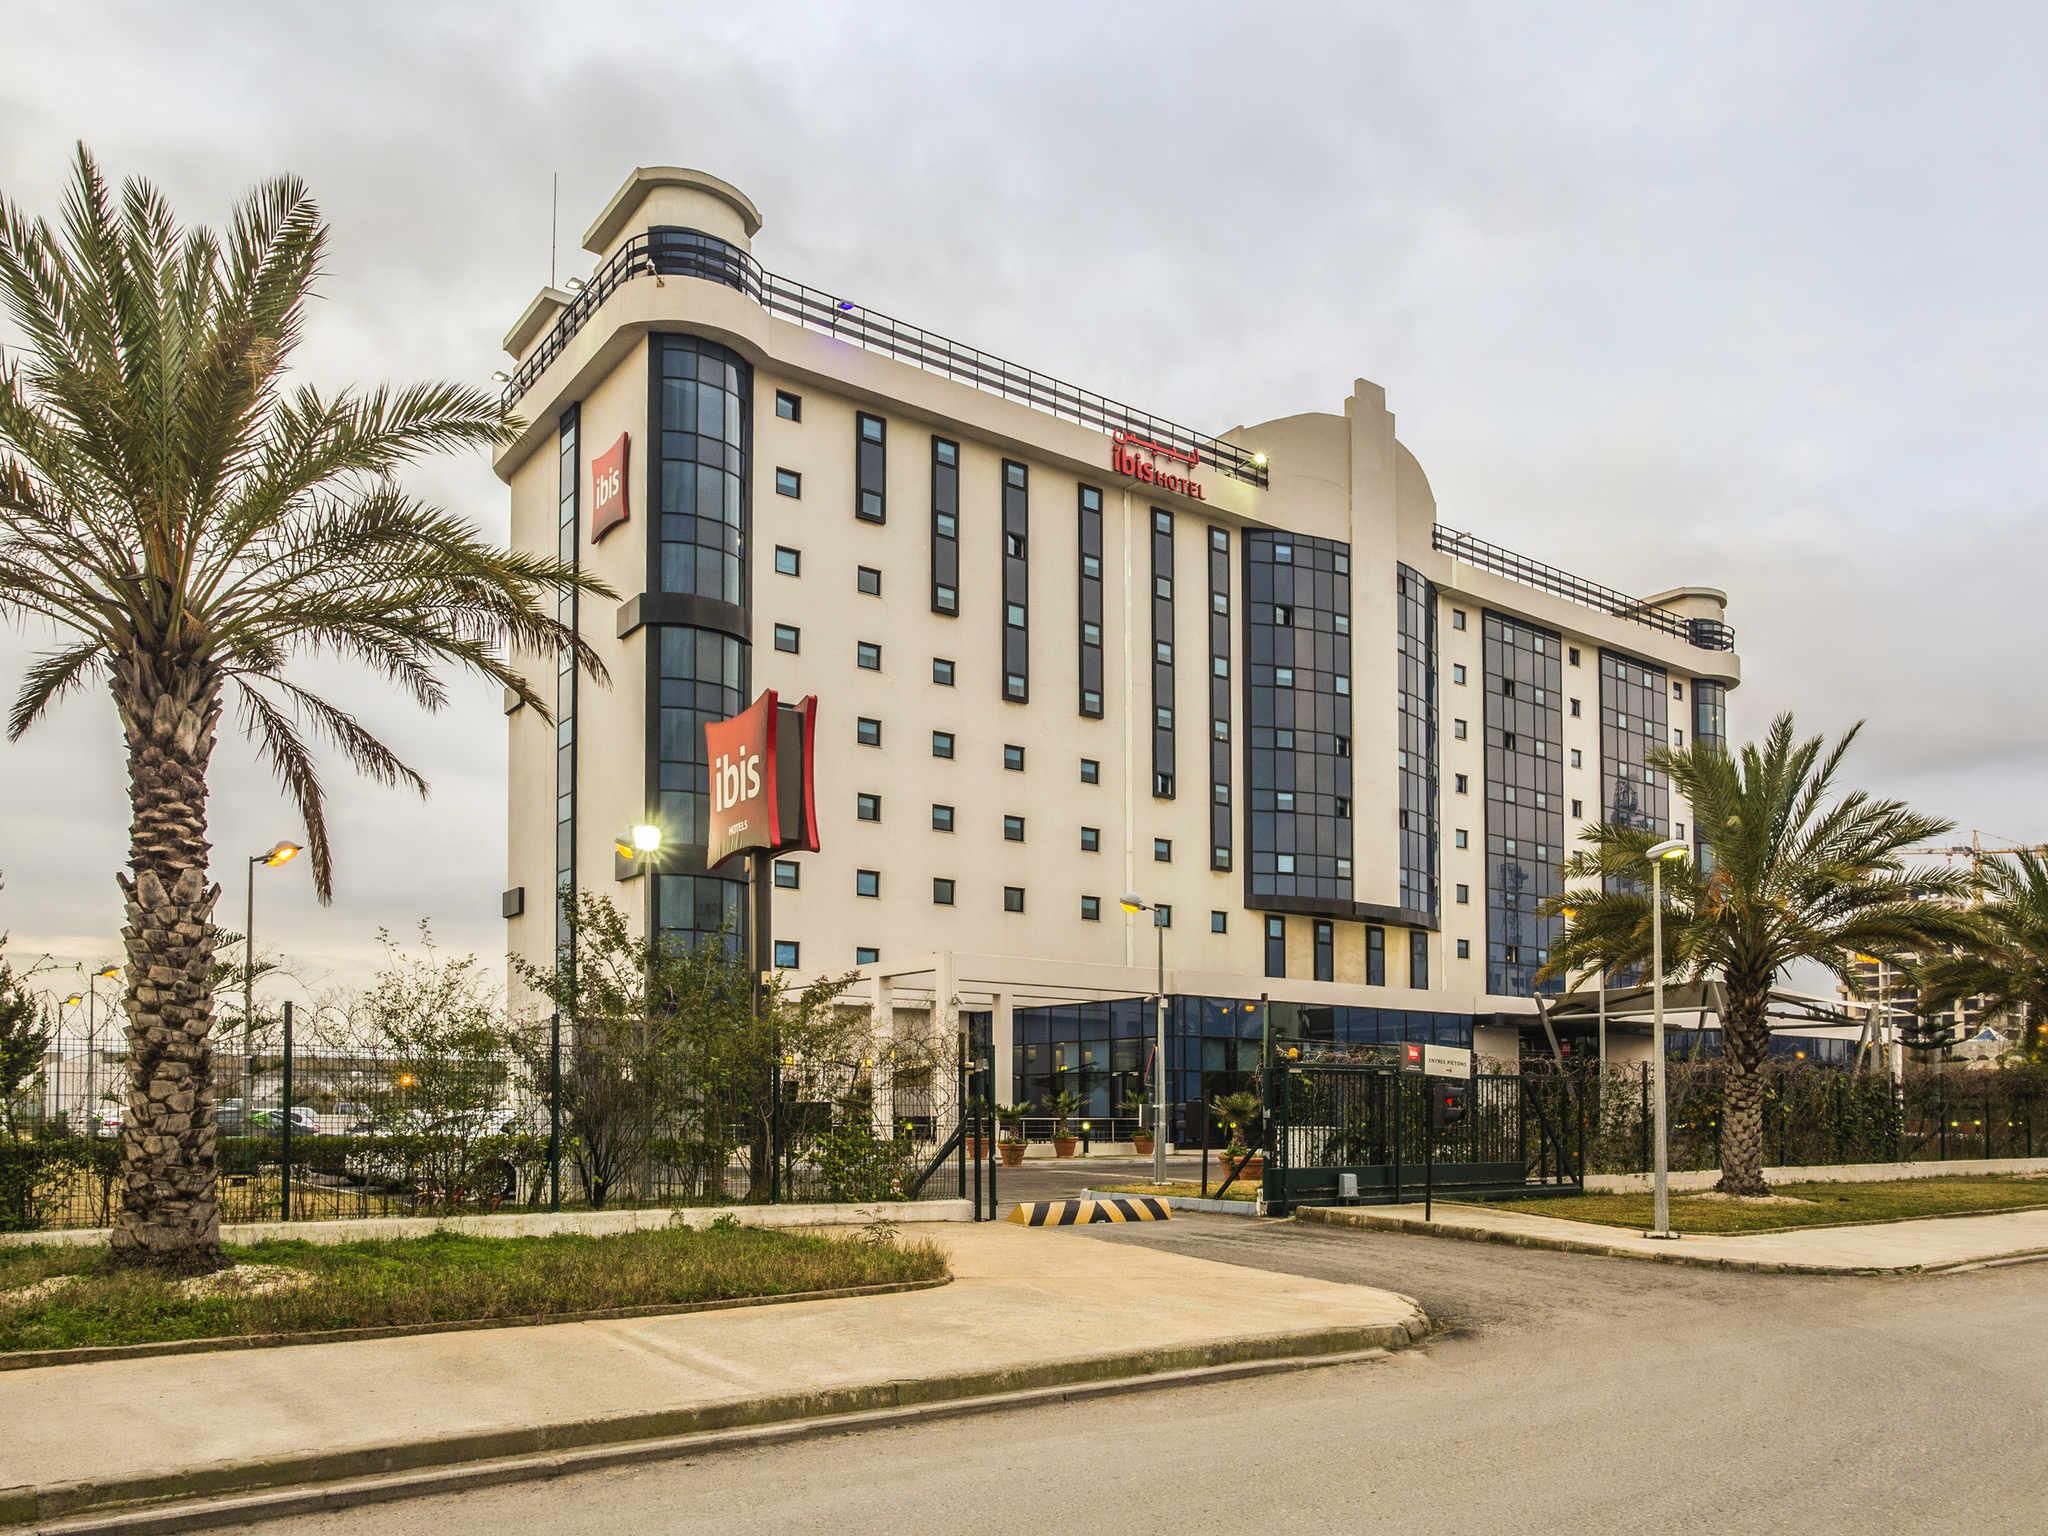 ホテル – イビスアルジェアエロポール